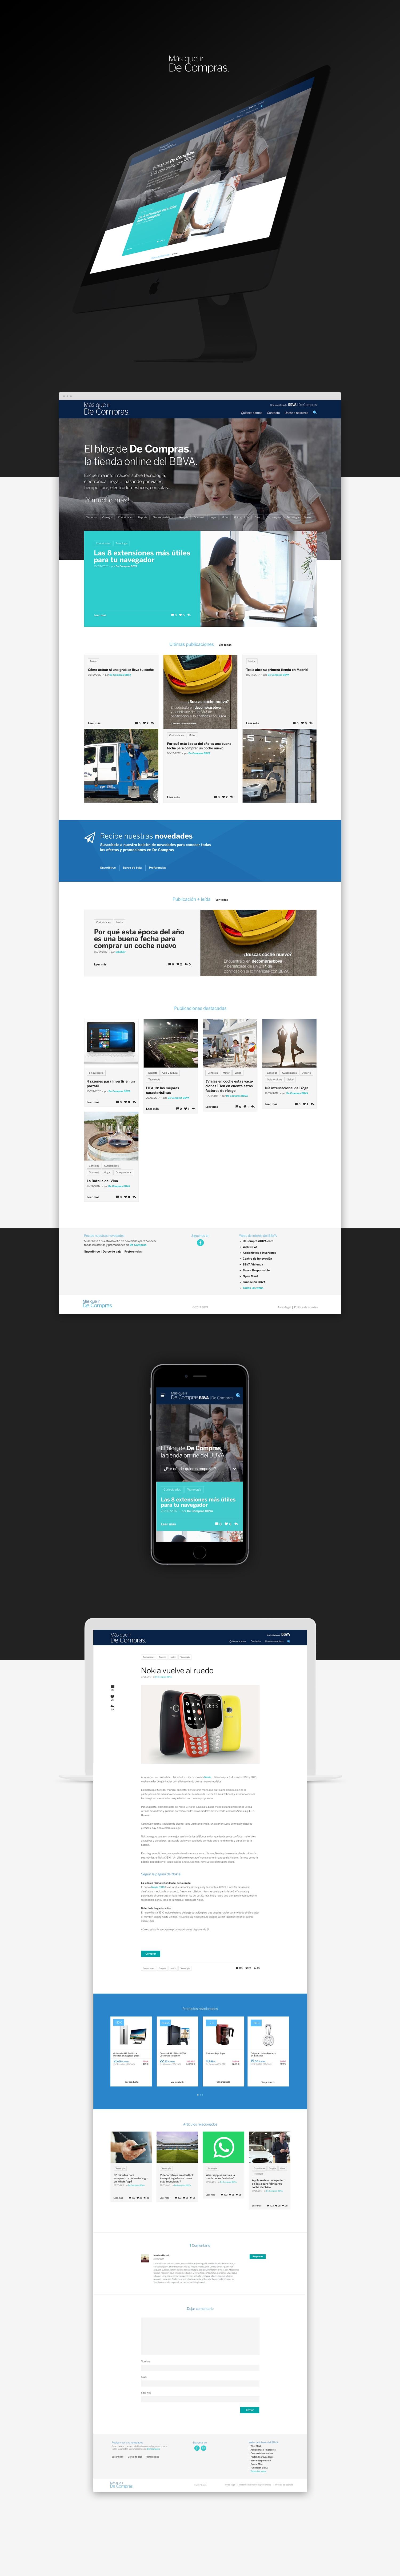 Diseño web responsive · BBVA   Más que ir de compras · Samuel Matito · diseñador freelance